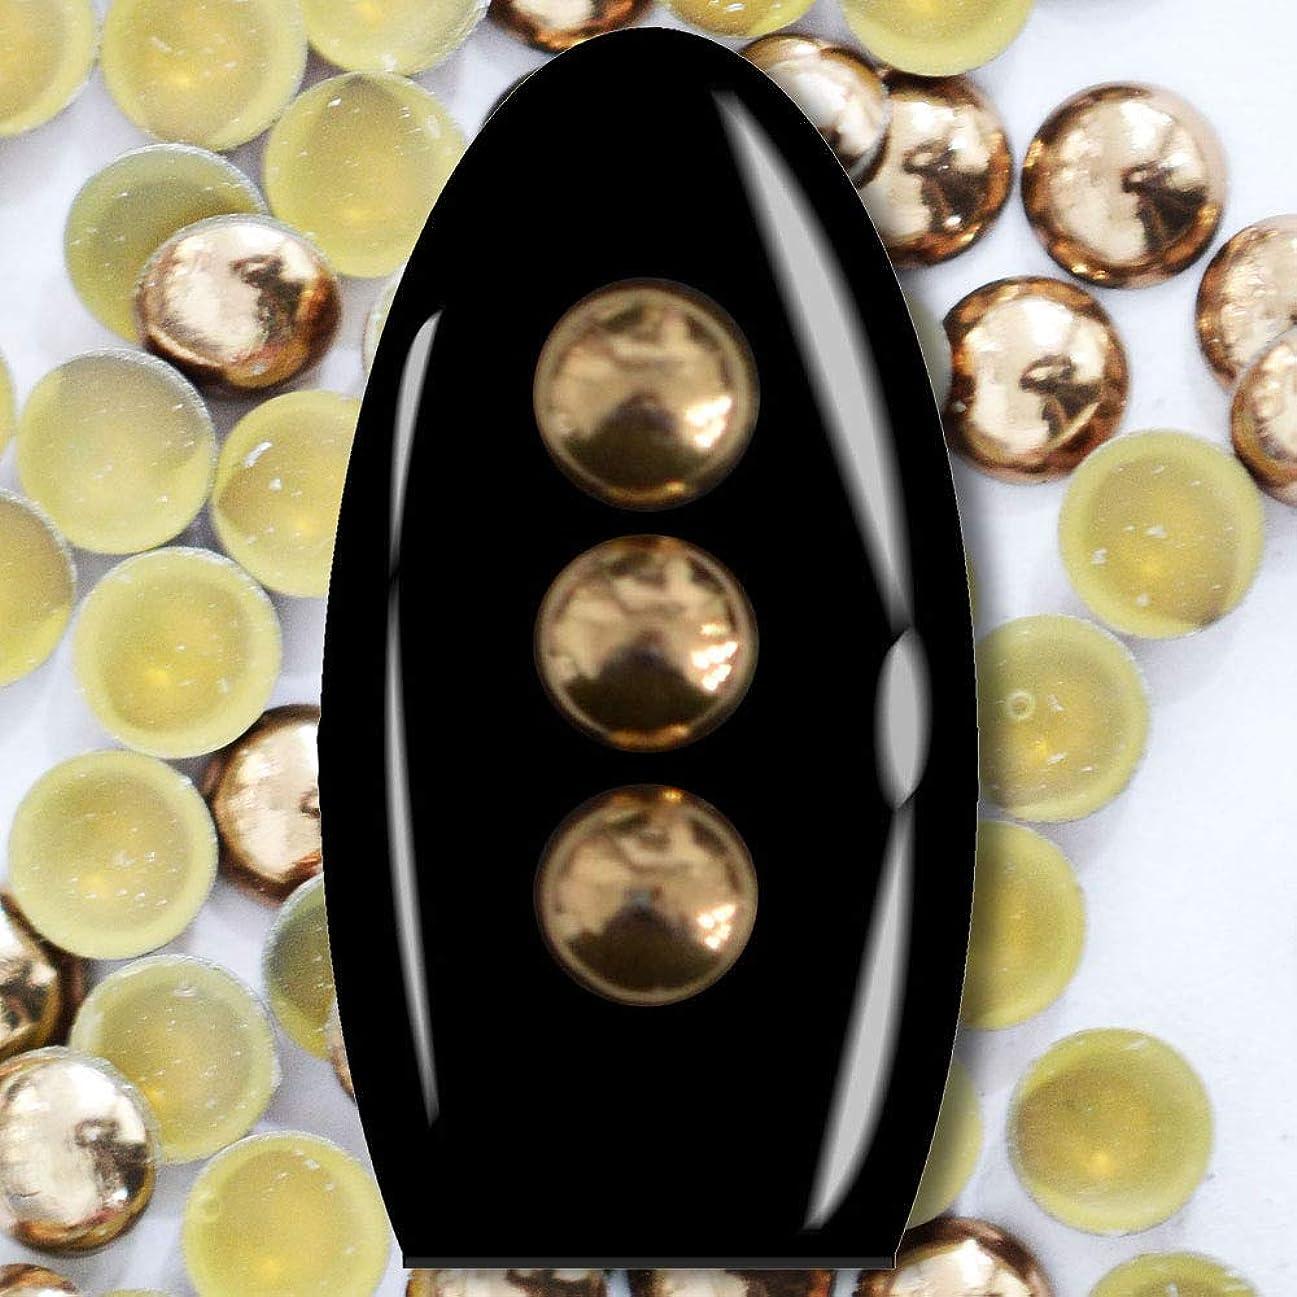 郵便屋さんアンテナ契約メタルスタッズ ネイル用 100粒 STZ027 ラウンド ブロンズド Φ3.5mm ぷっくり半球型